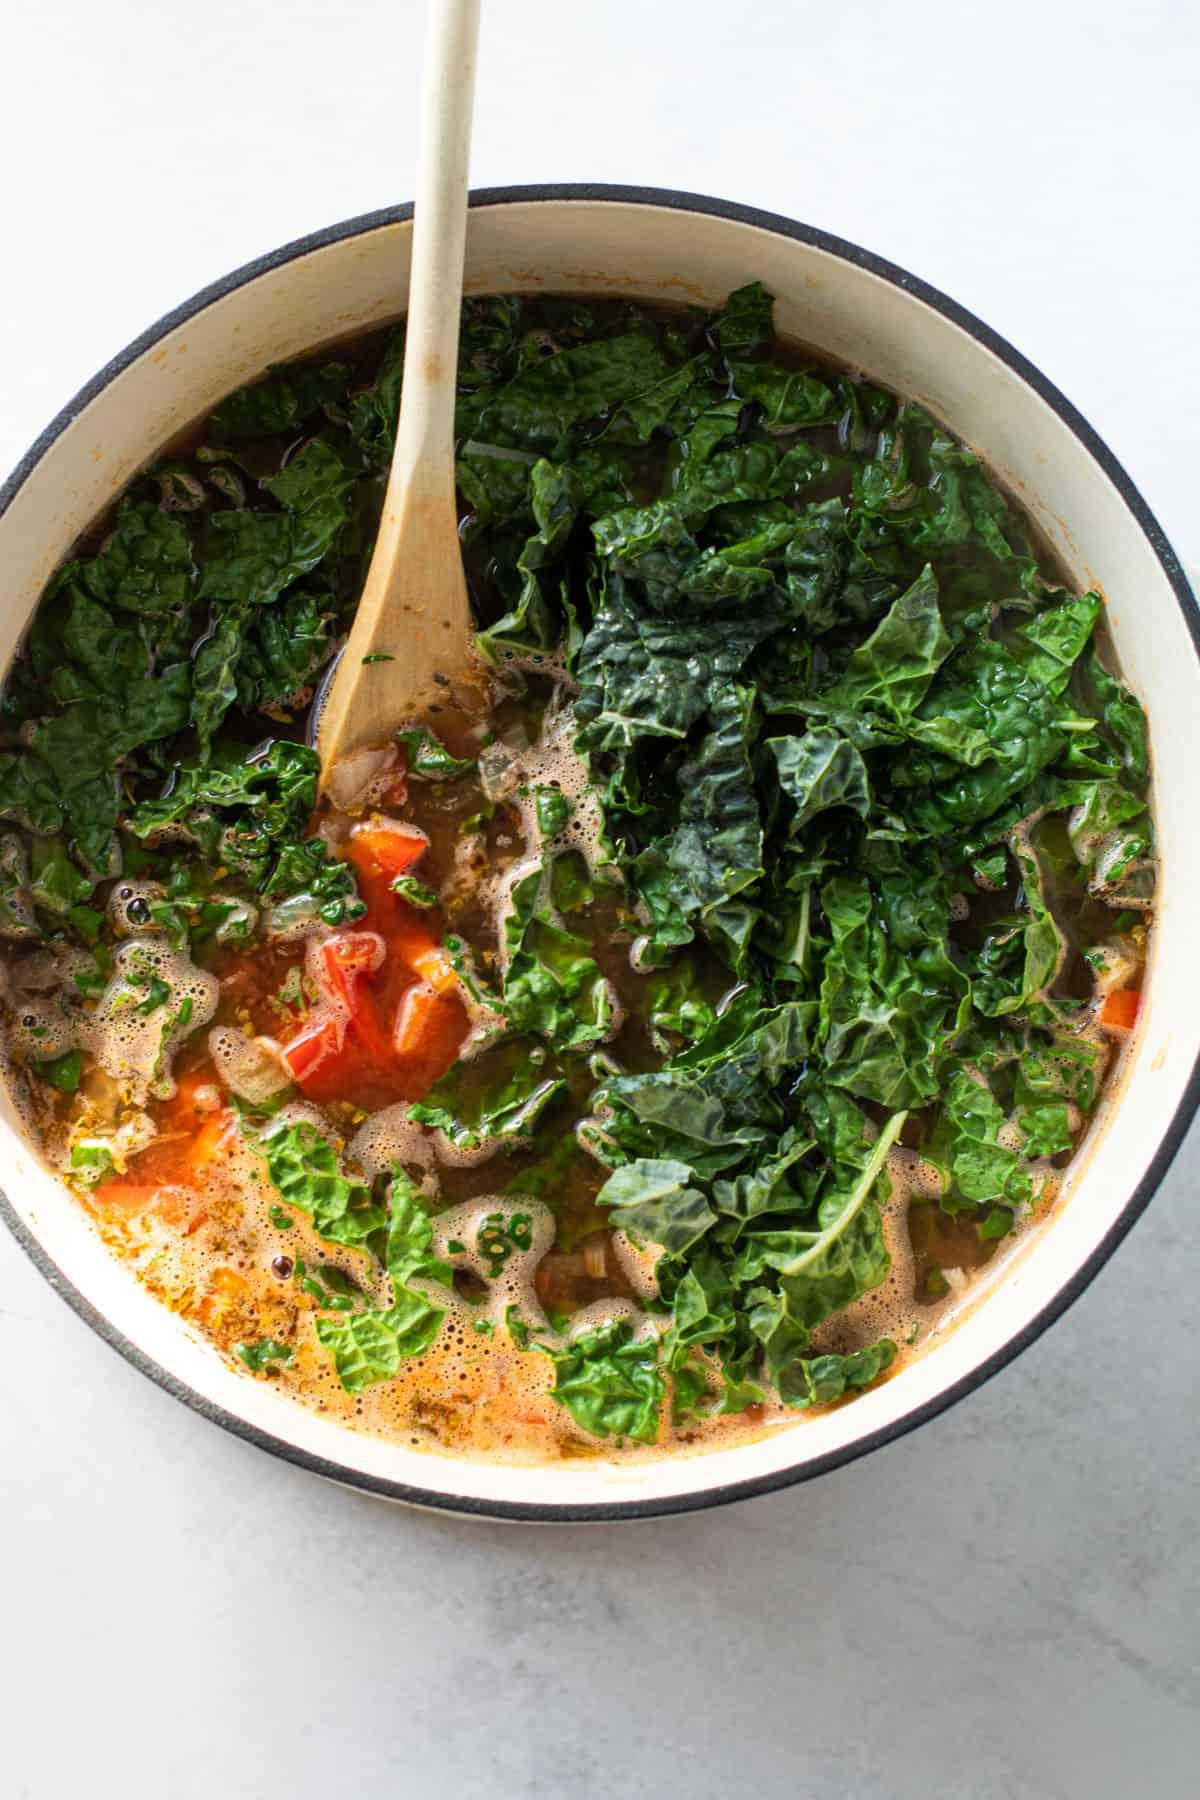 Kale in a meatball veggie soup.